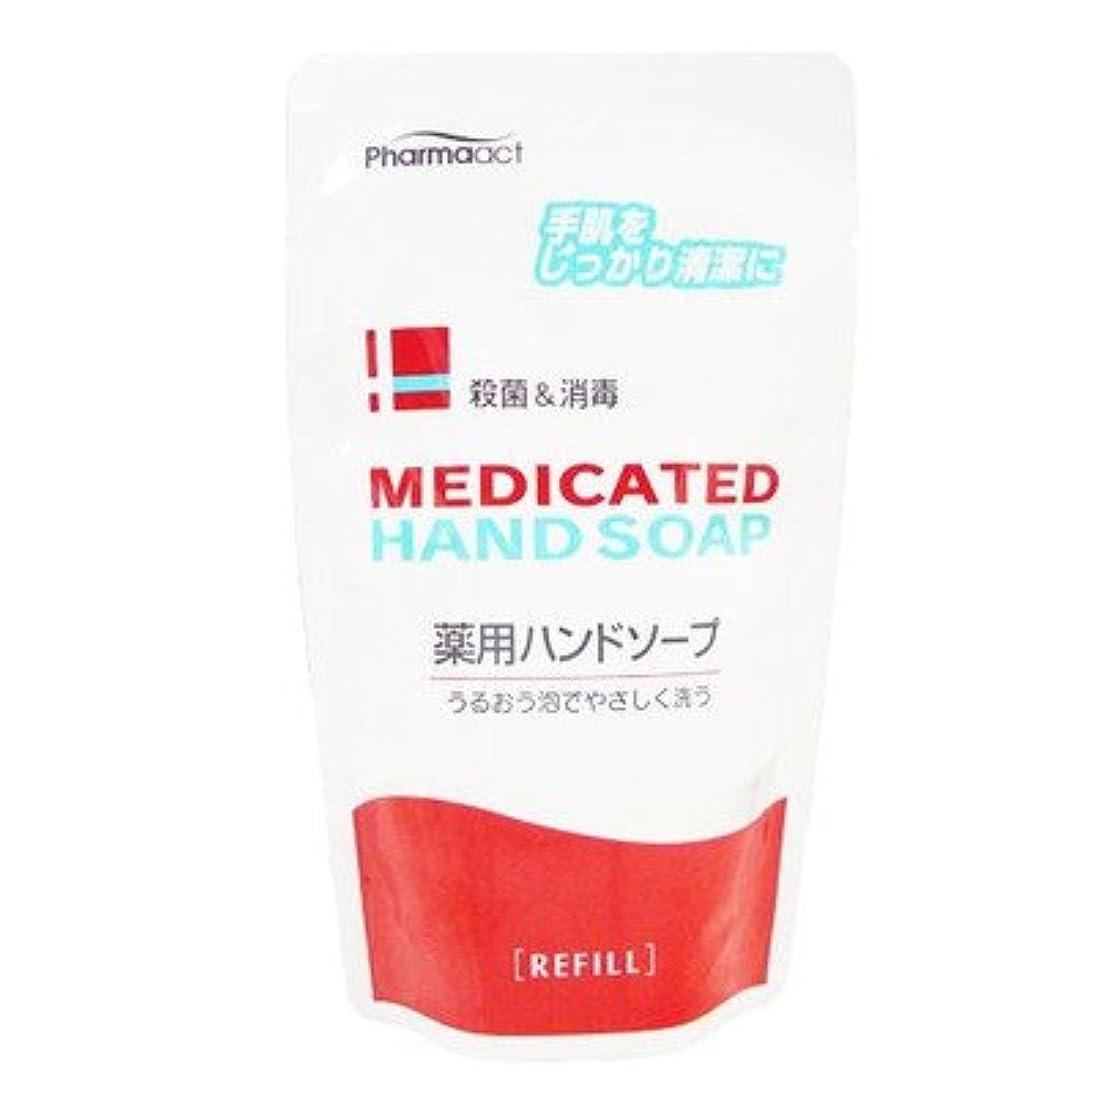 に負けるきらめき喪Medicated 薬用ハンドソープ 殺菌+消毒 200ml【つめかえ用】(医薬部外品)